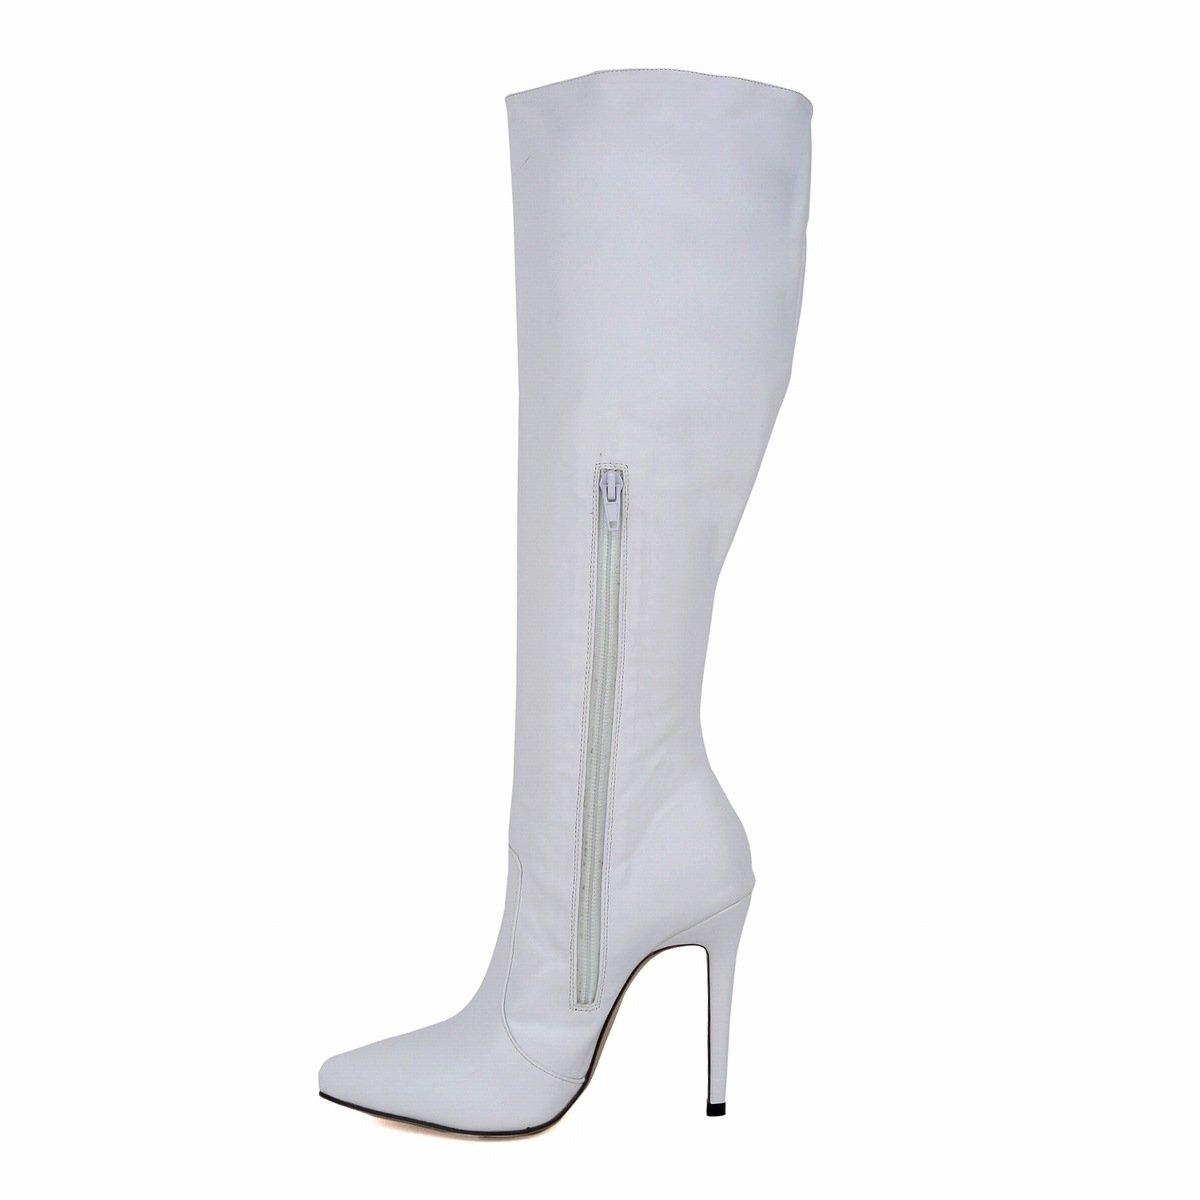 - DYF Chaussures femmes Bottes Tube Long fait Stiletto Talon Fine couleur solide blanc,Matt,37